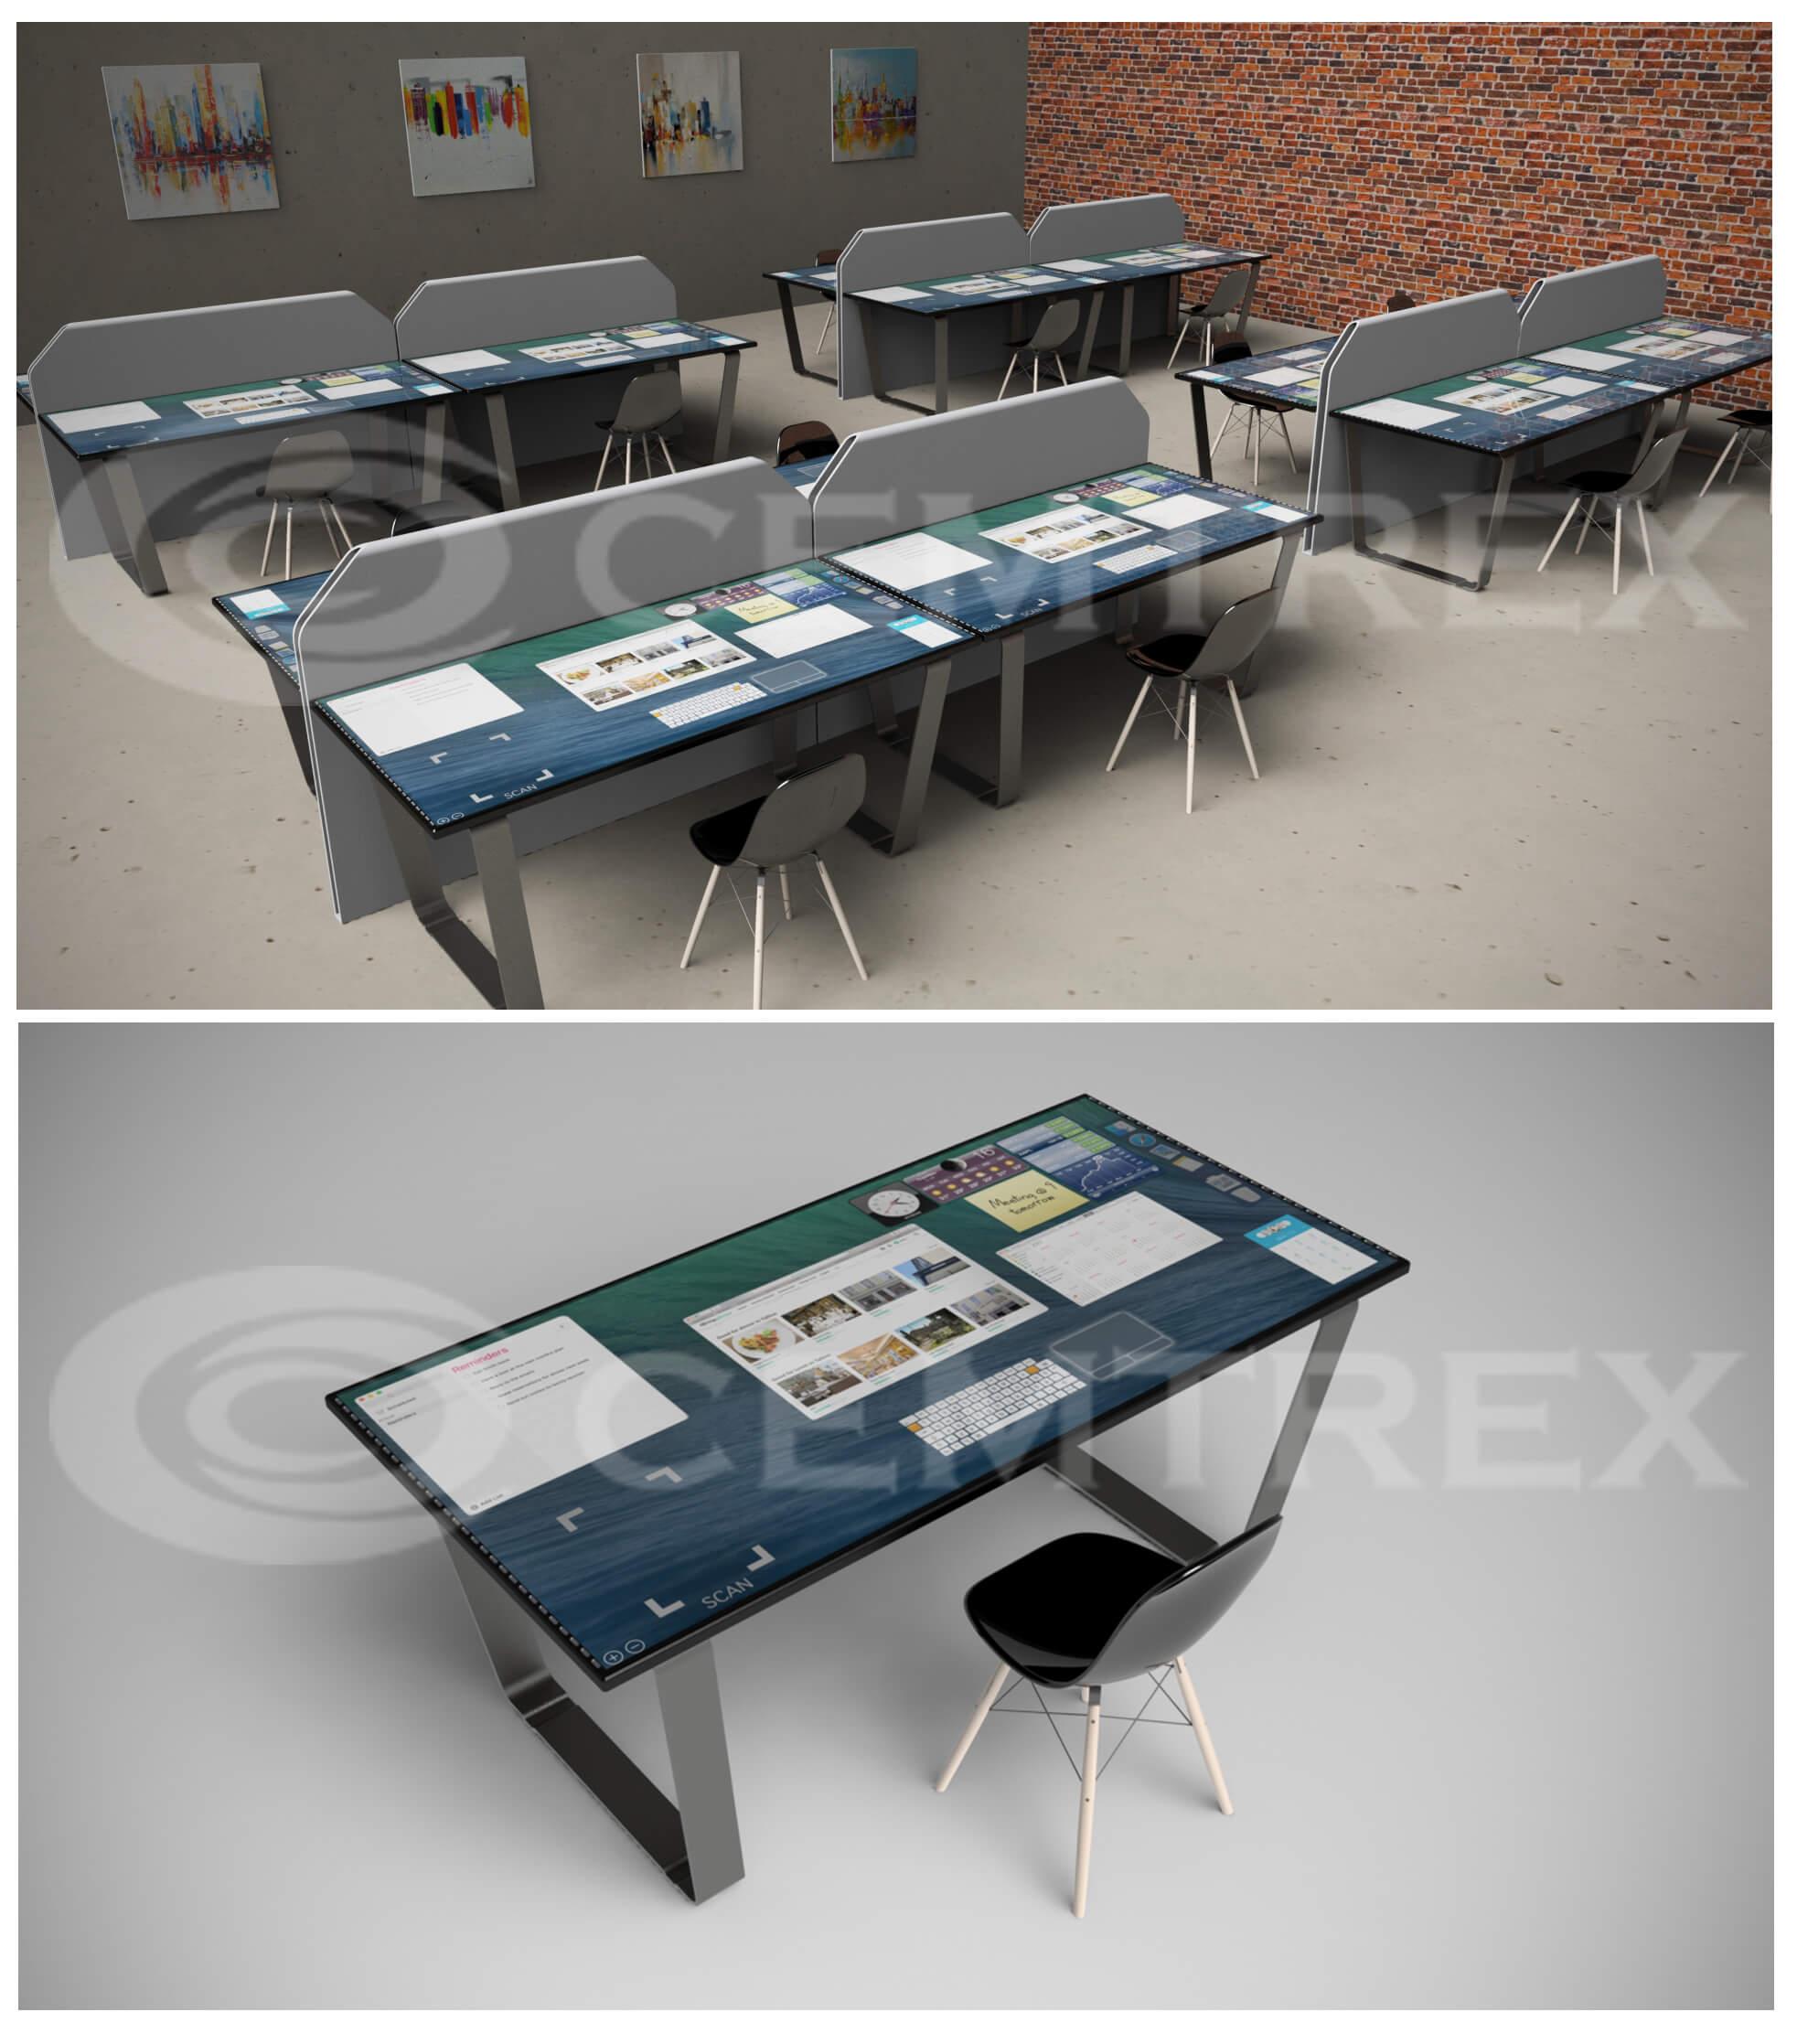 Cemtrex Developing An Advanced Smart Desk Cemtrex